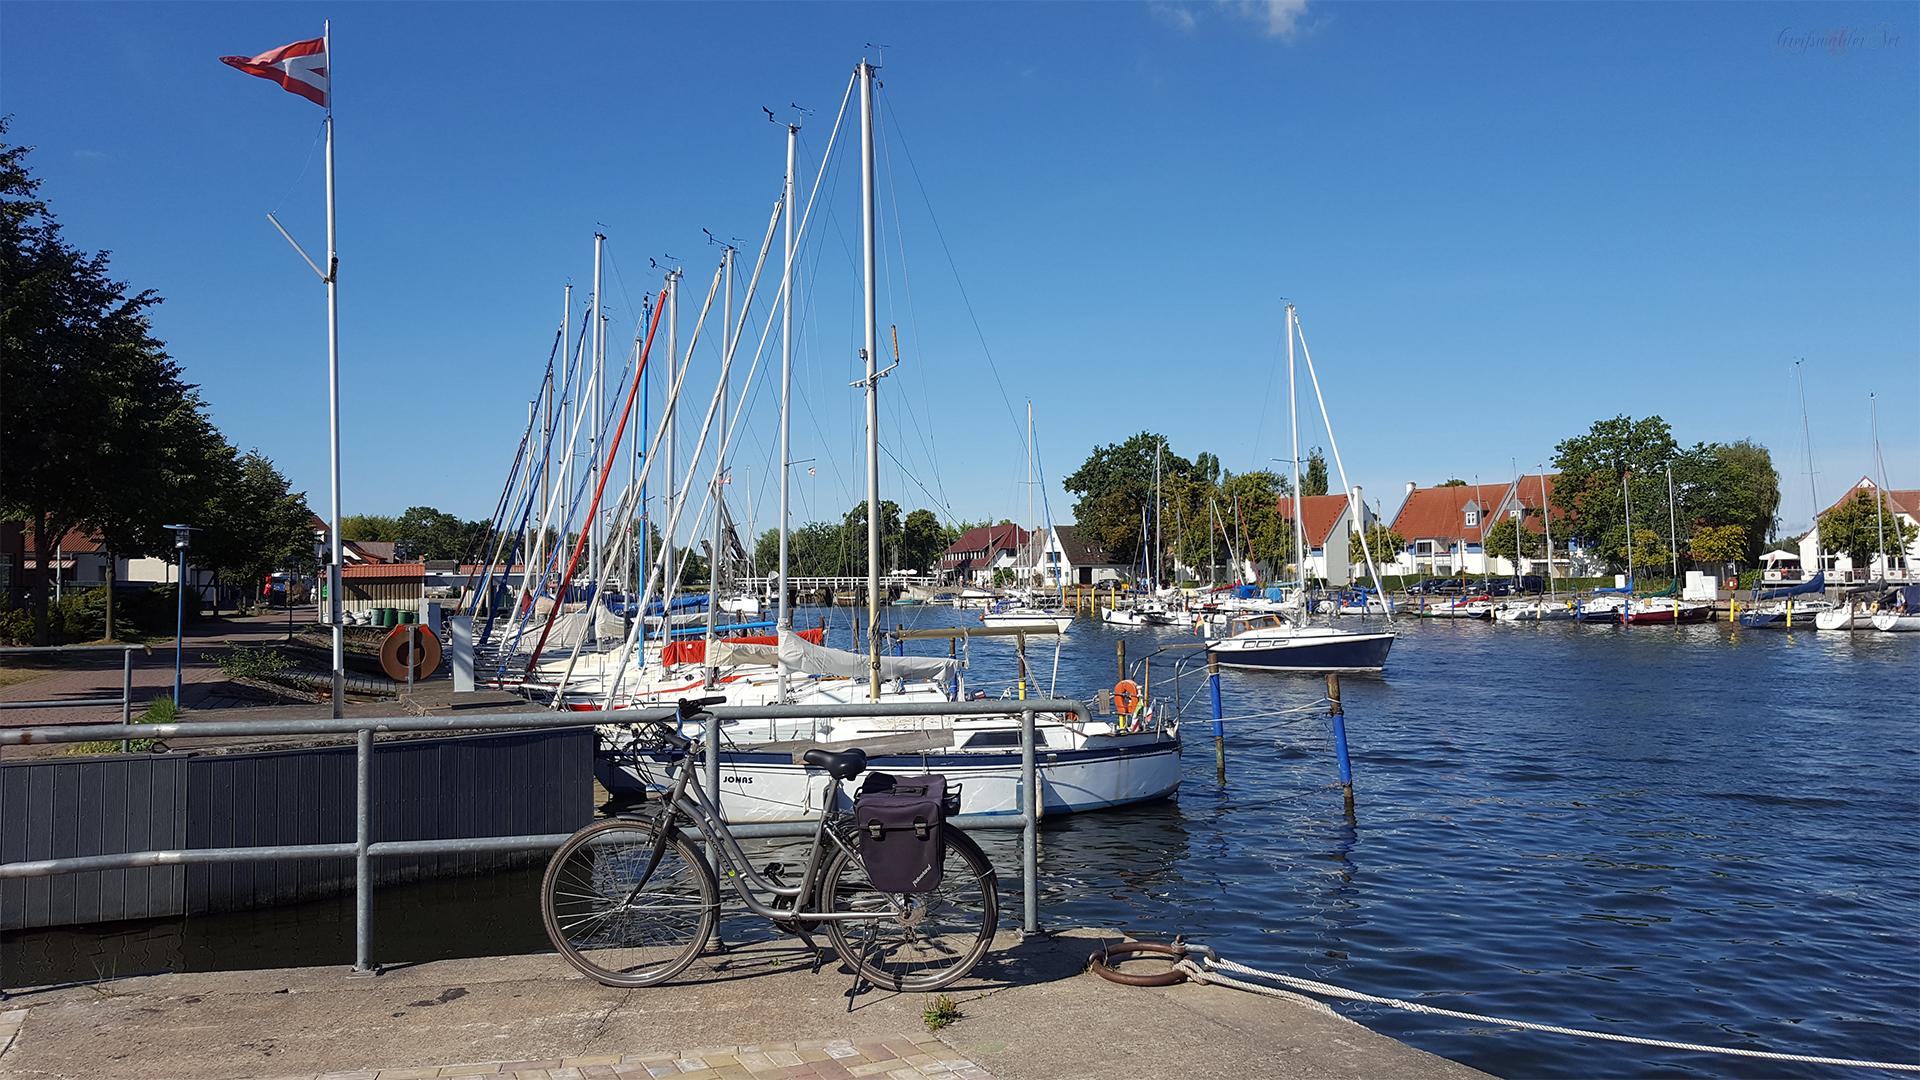 Segelboote auf dem Ryck